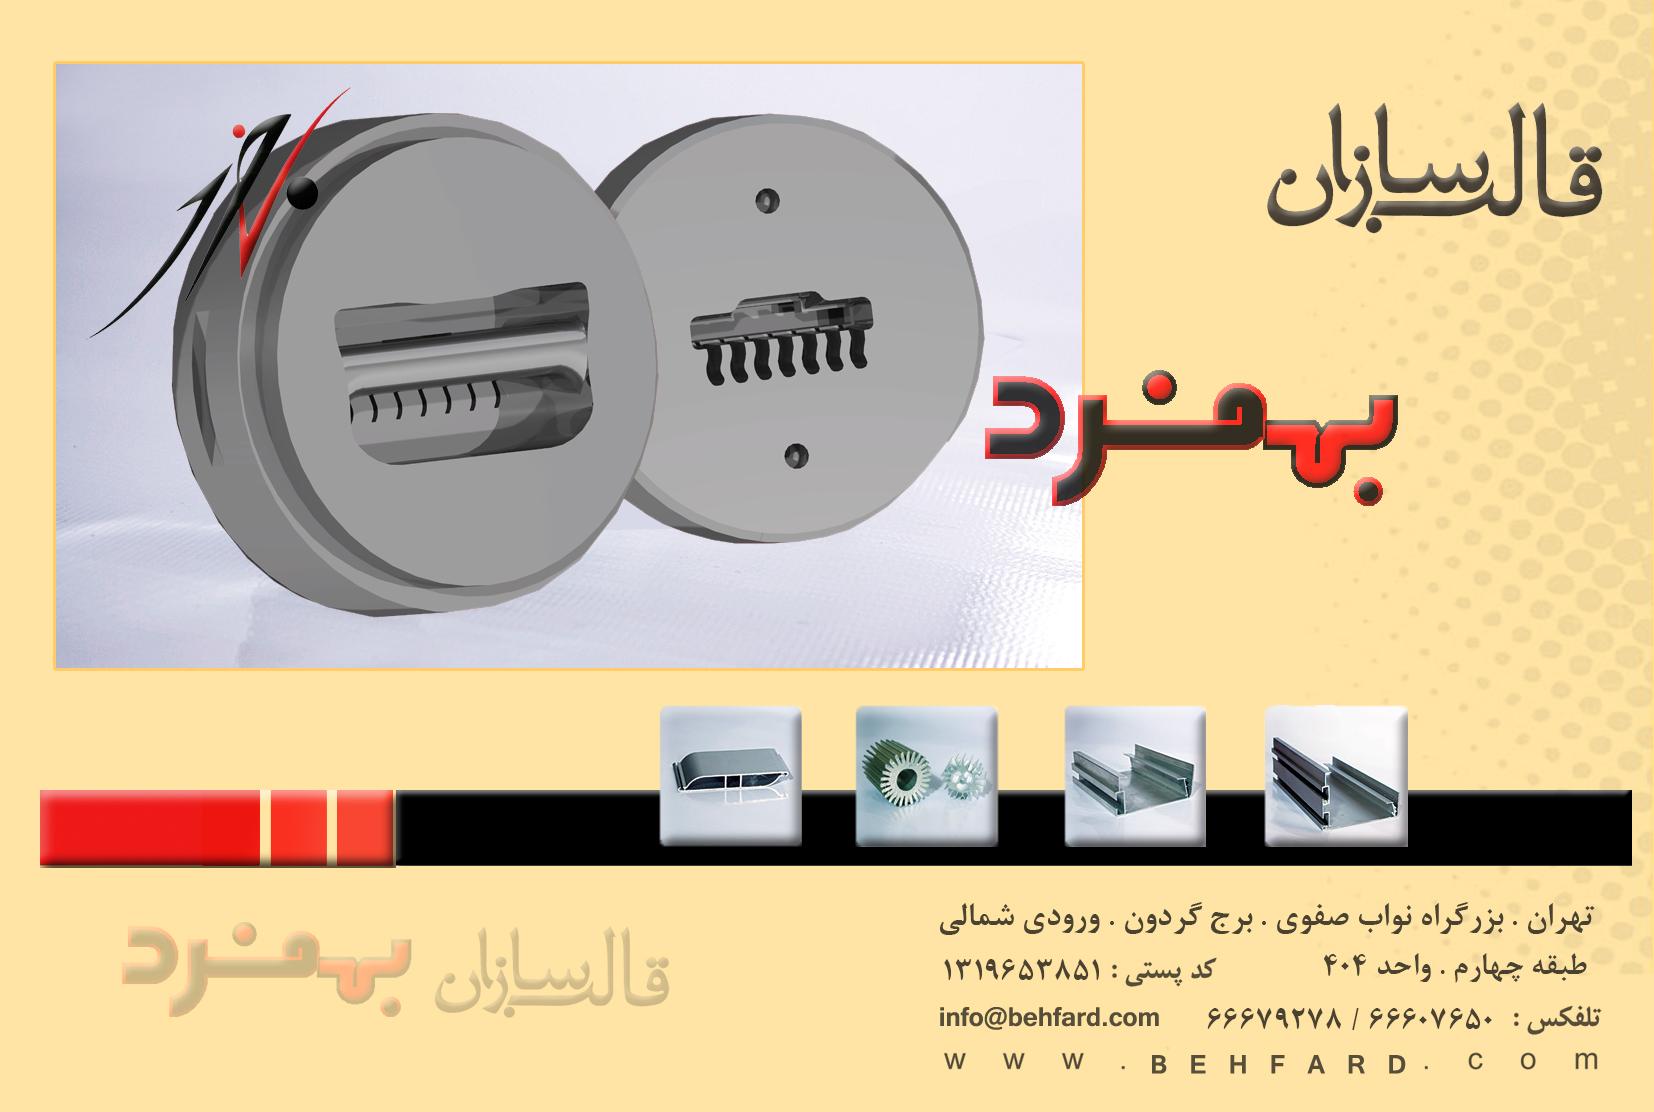 پیشگام در طراحی و تولید قالب اکستروژن و پروفیل آلومینیوم